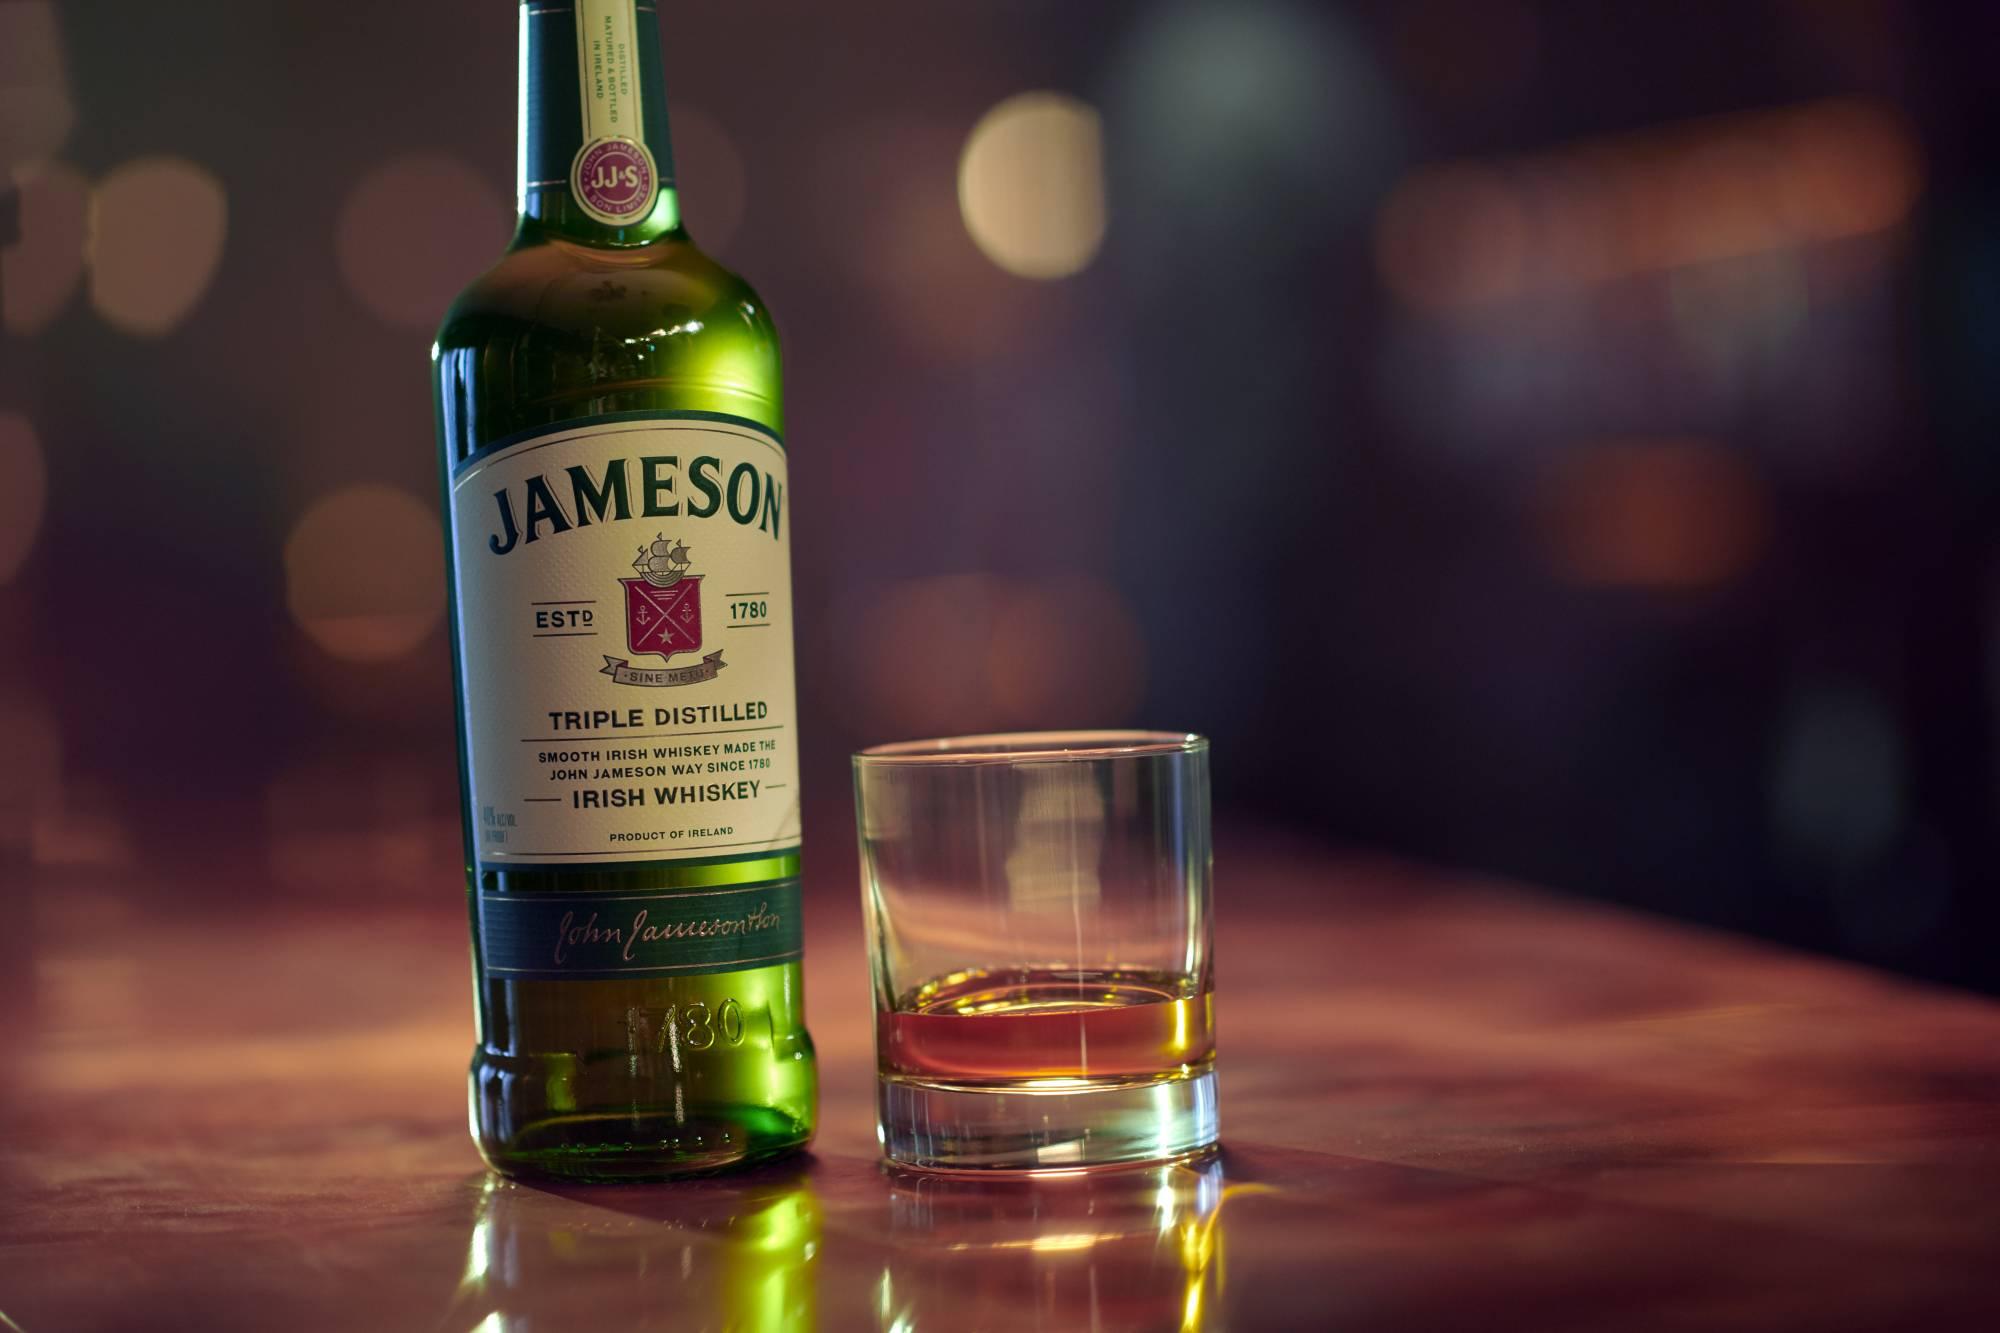 Виски jameson: rish whiskey и другие виды джон джеймсон, особенности приобретения и употребления